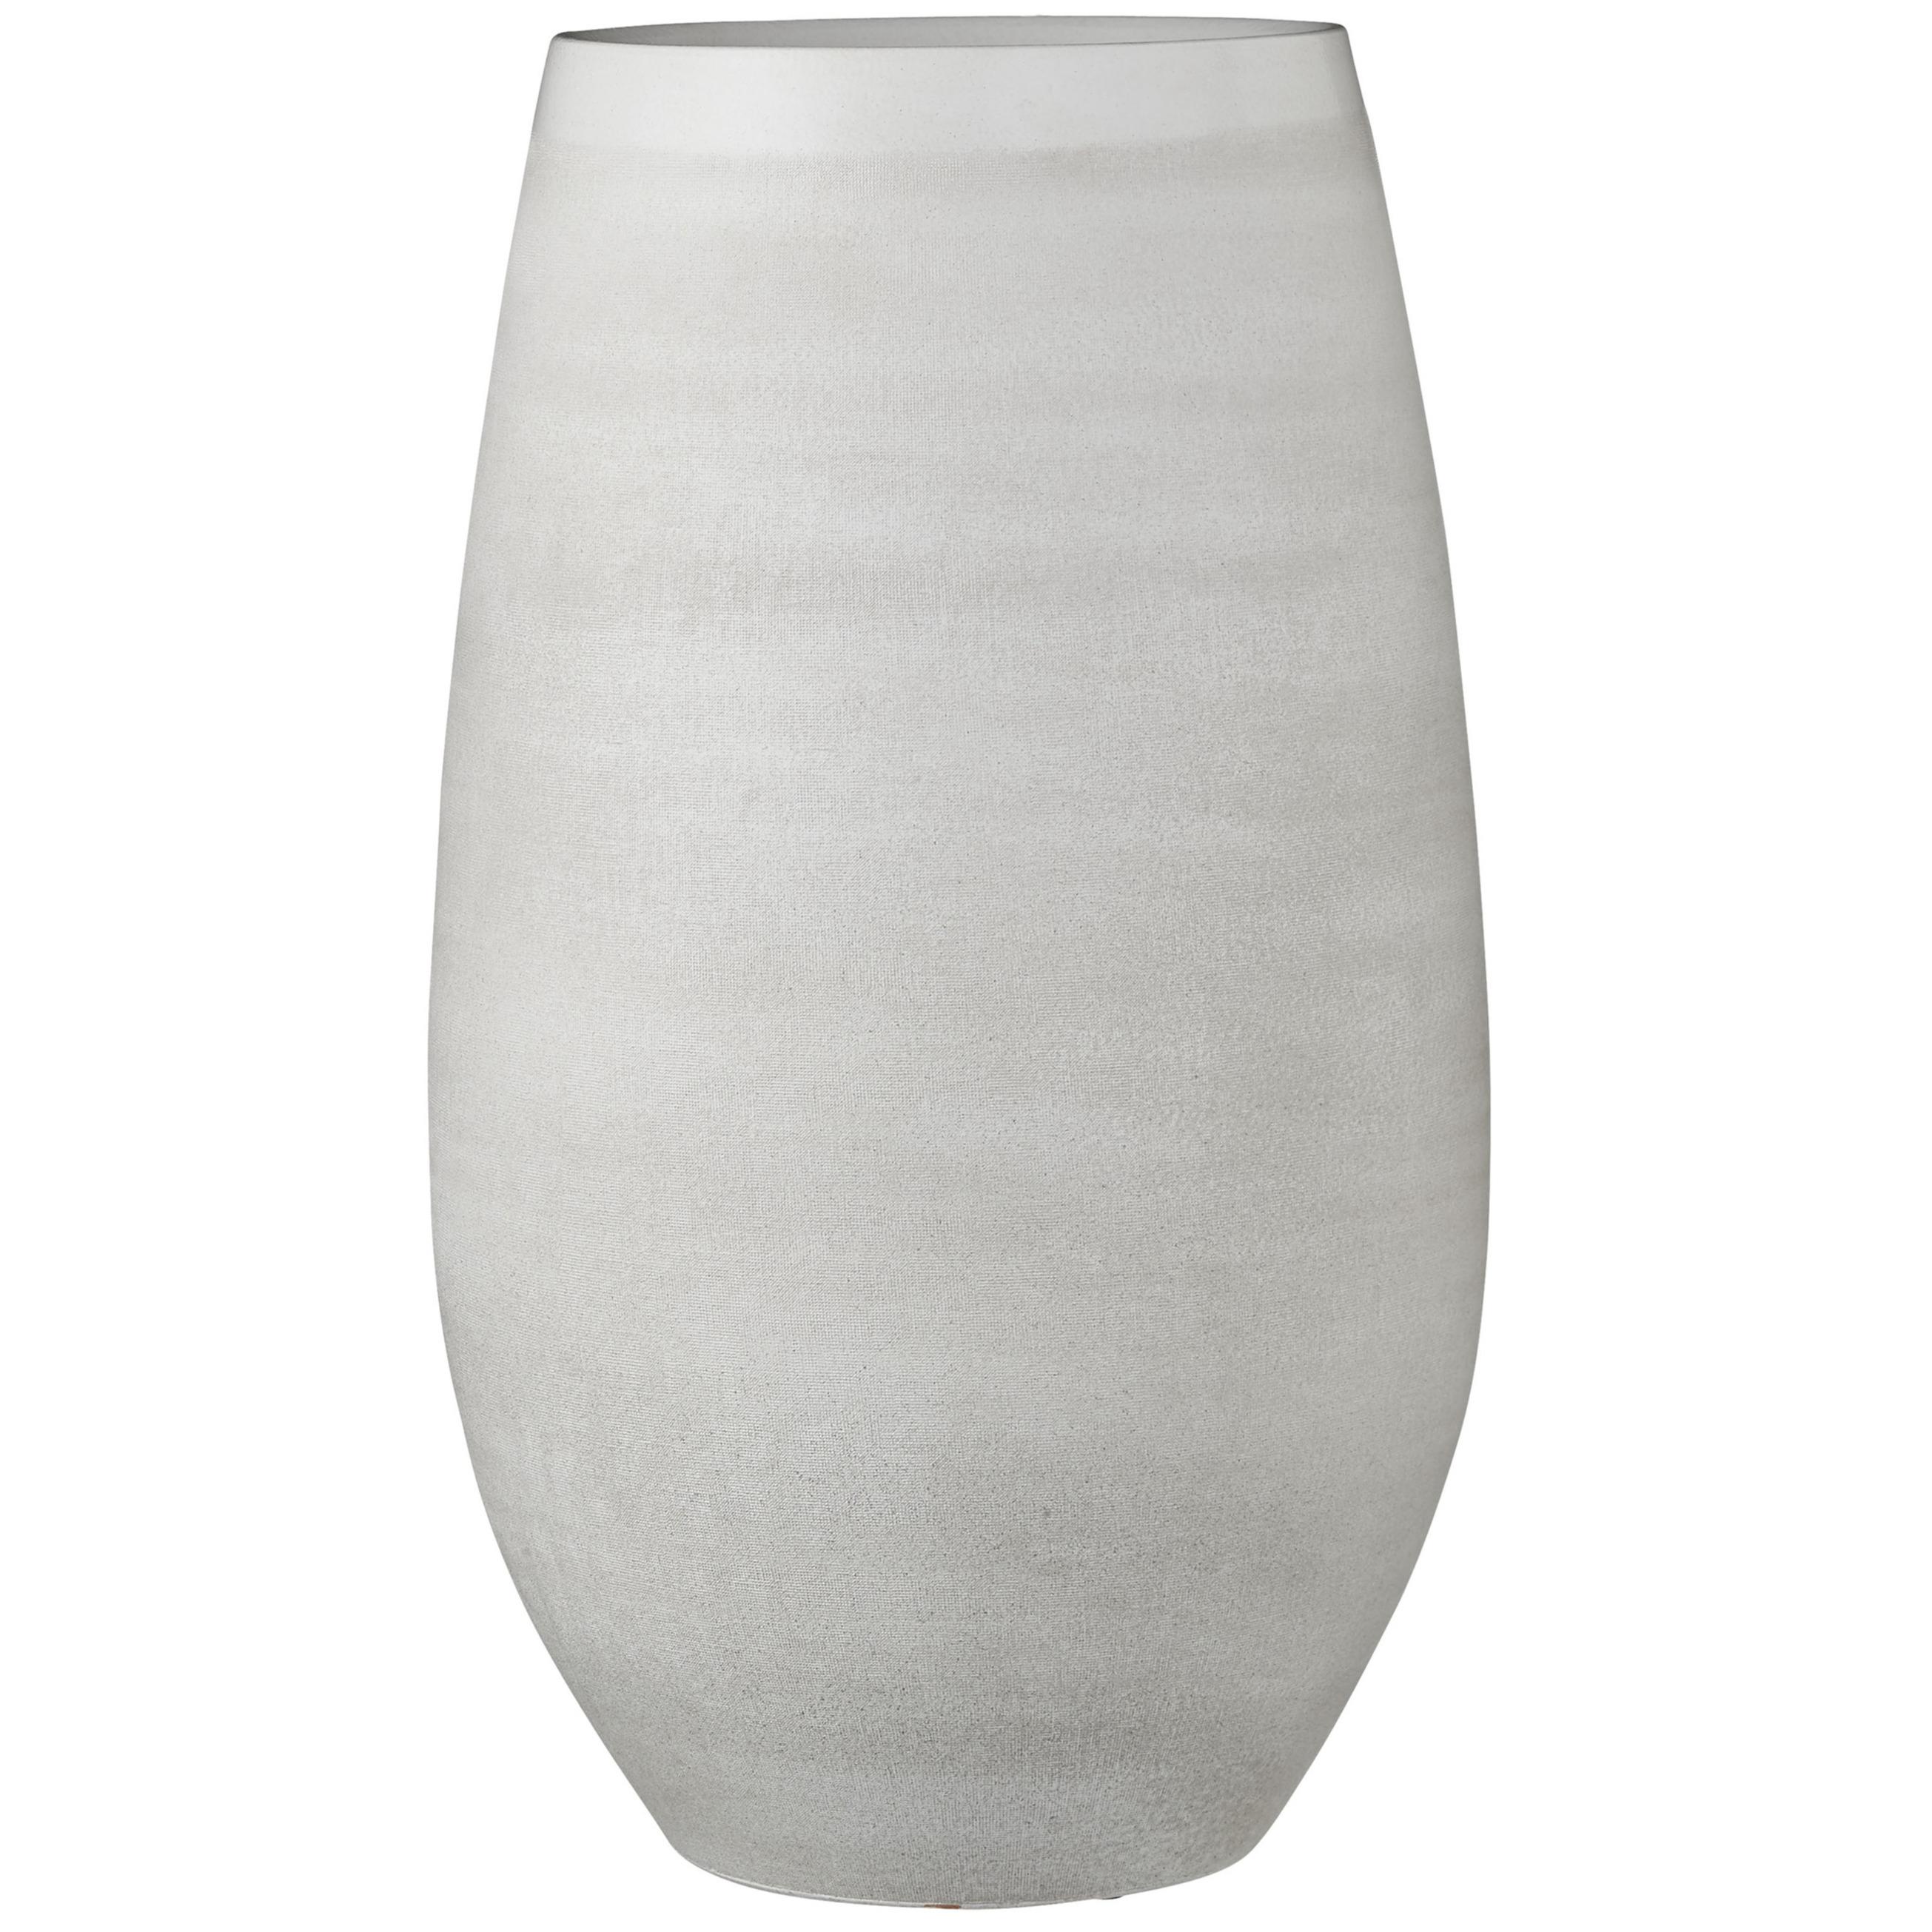 Bloempot vaas creme wit keramiek voor bloemen-planten H50 x D29 cm